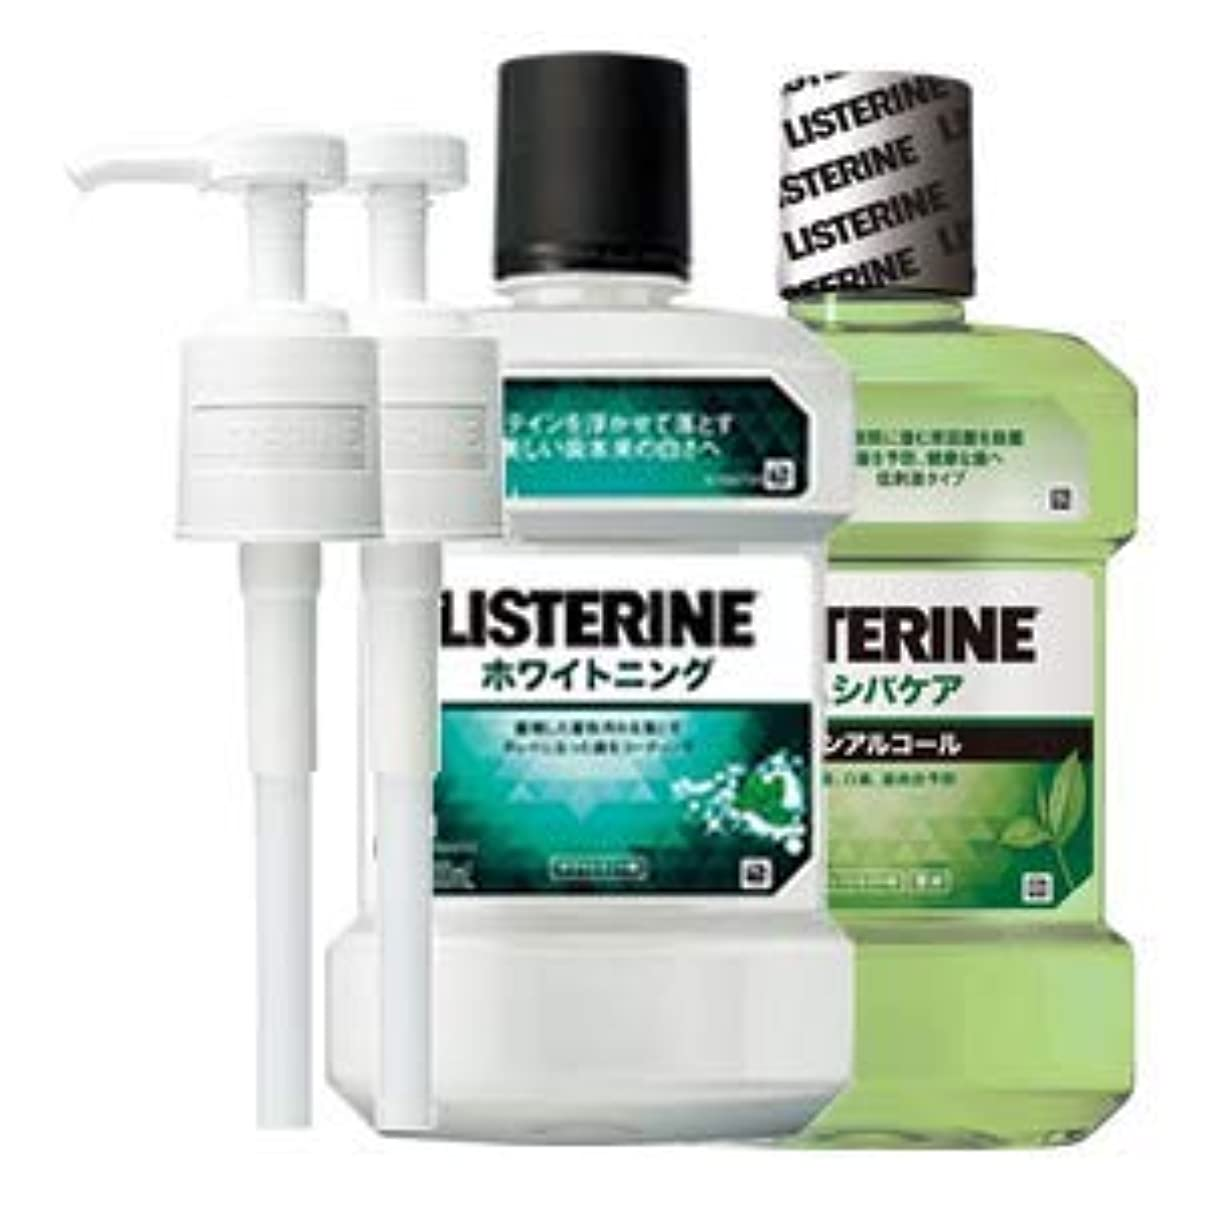 スキャンダル喉頭好意薬用 リステリン ホワイトニング ムシバケア 1000mL 2点セット (ポンプ付)